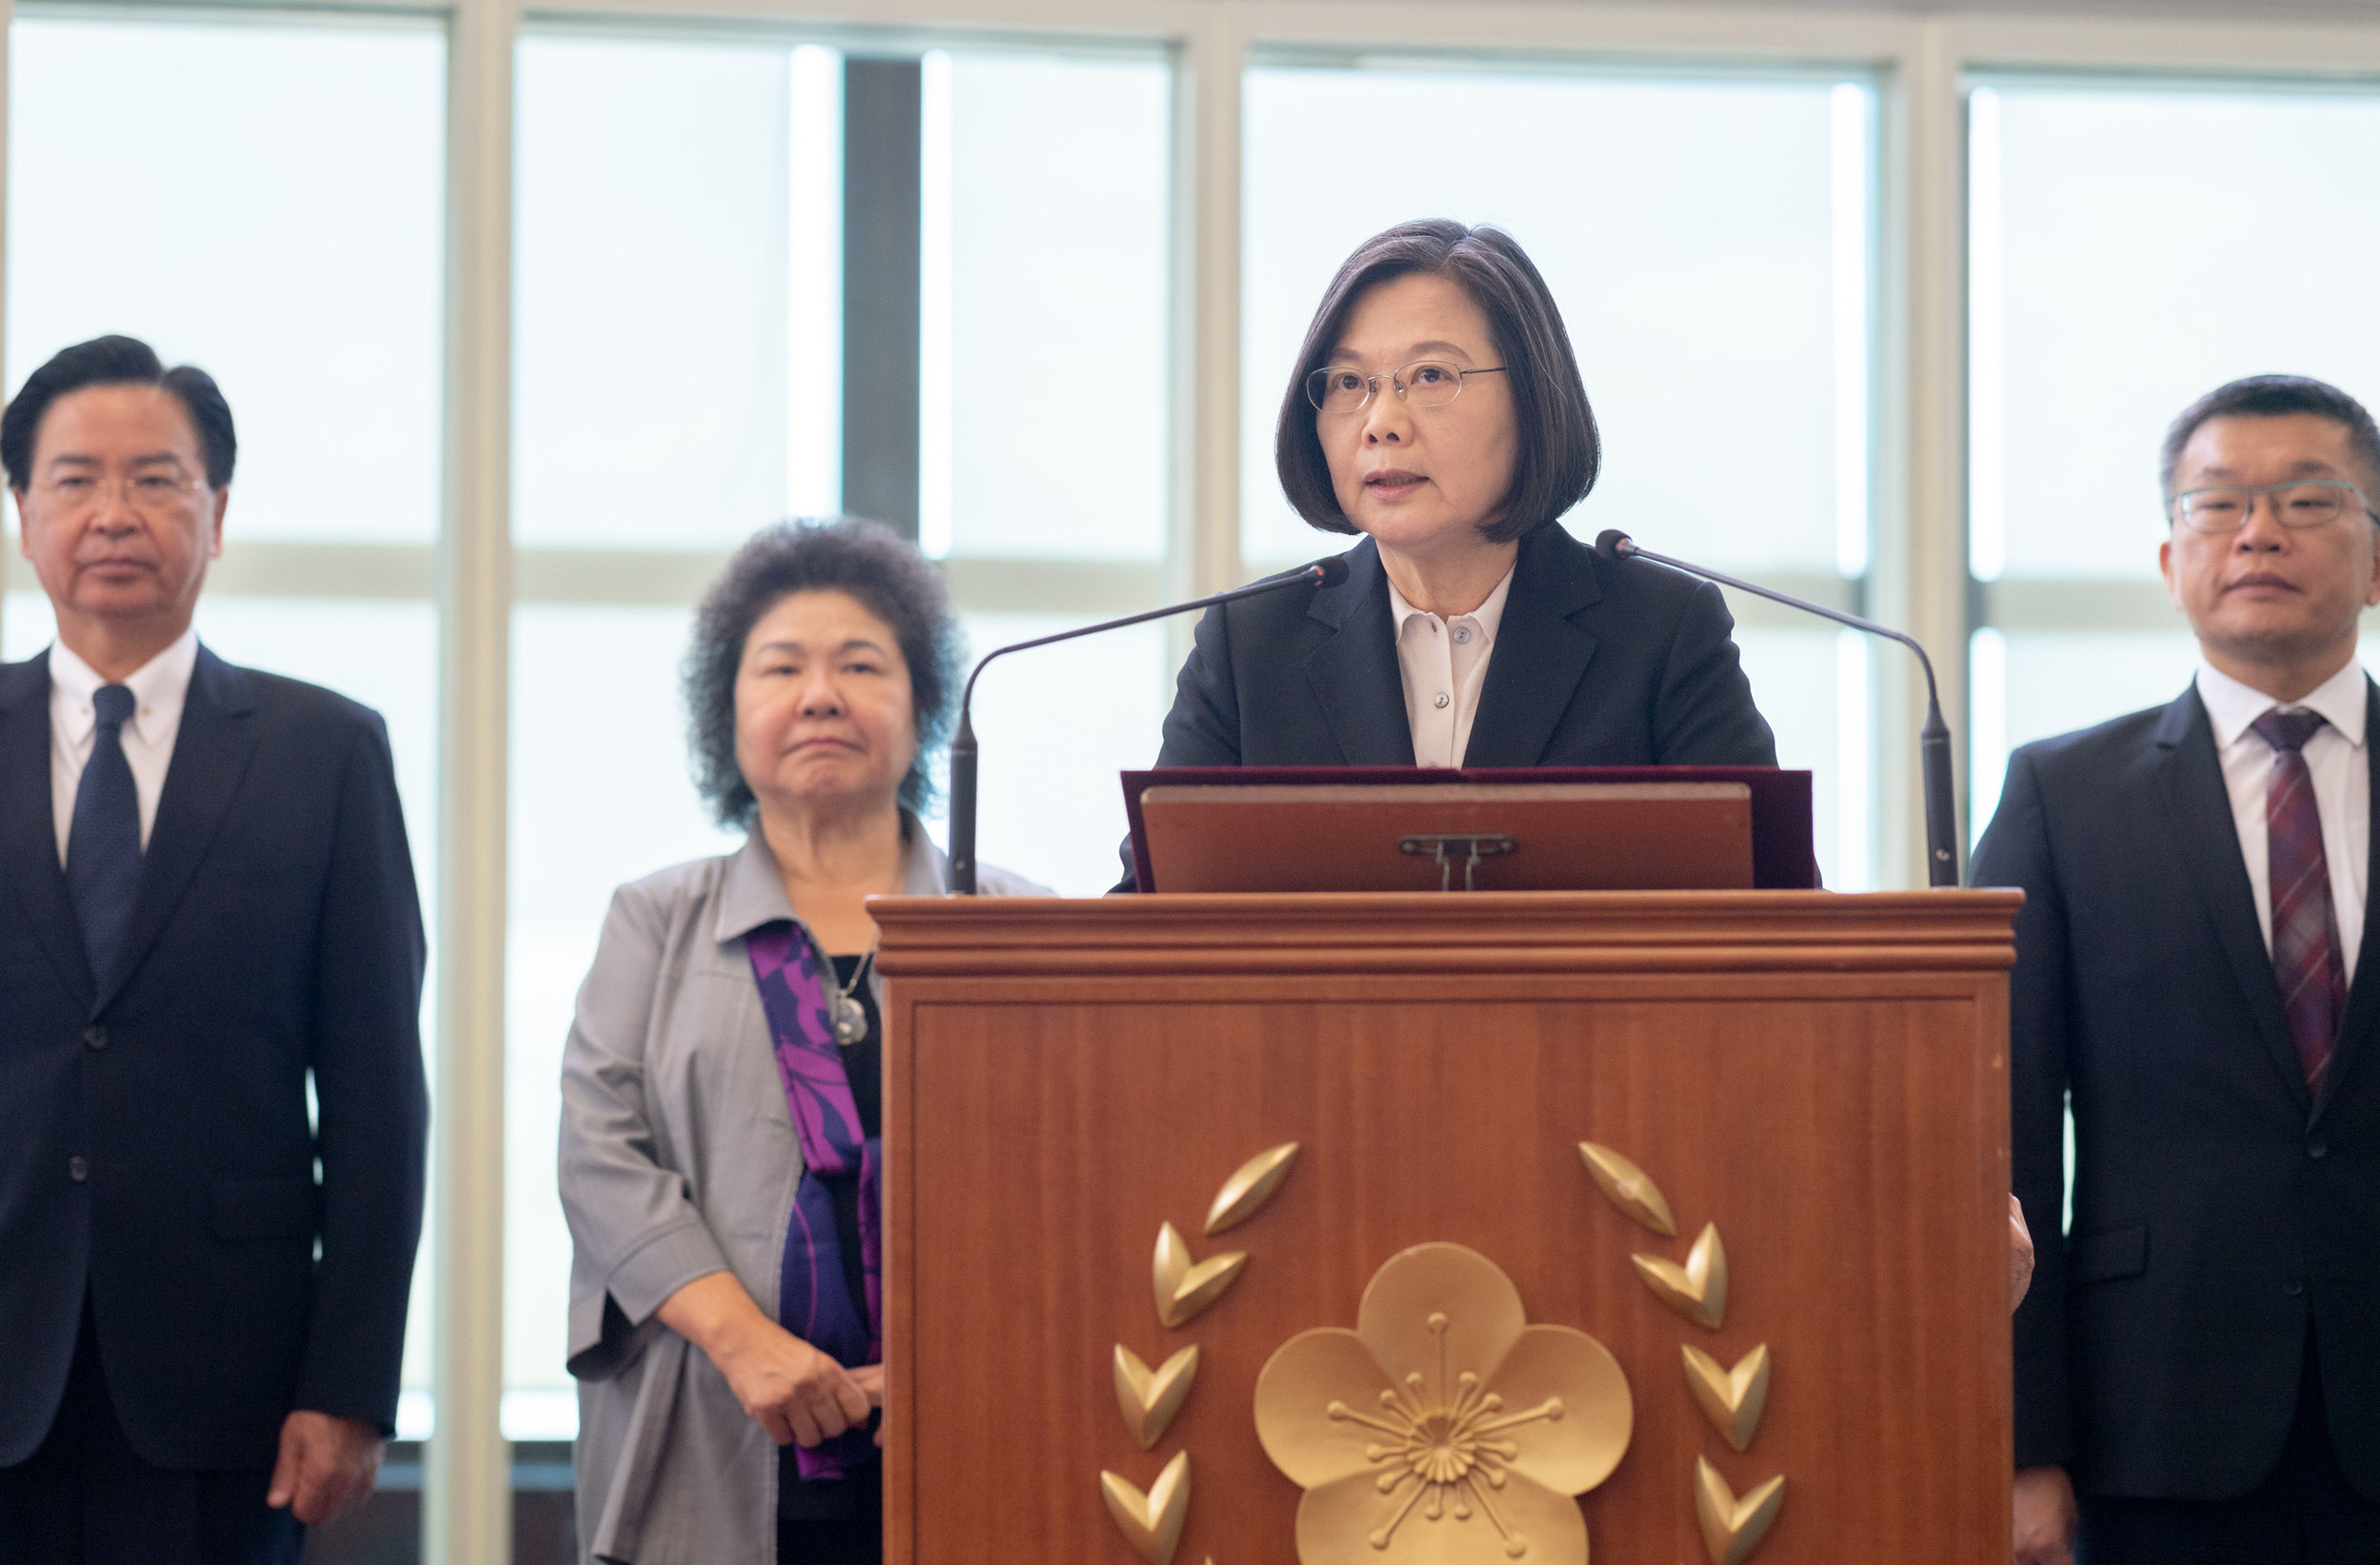 總統蔡英文上月22日發表「自由民主永續之旅」返國談話。圖片來源:Taiwan Presidential Office/Flickr